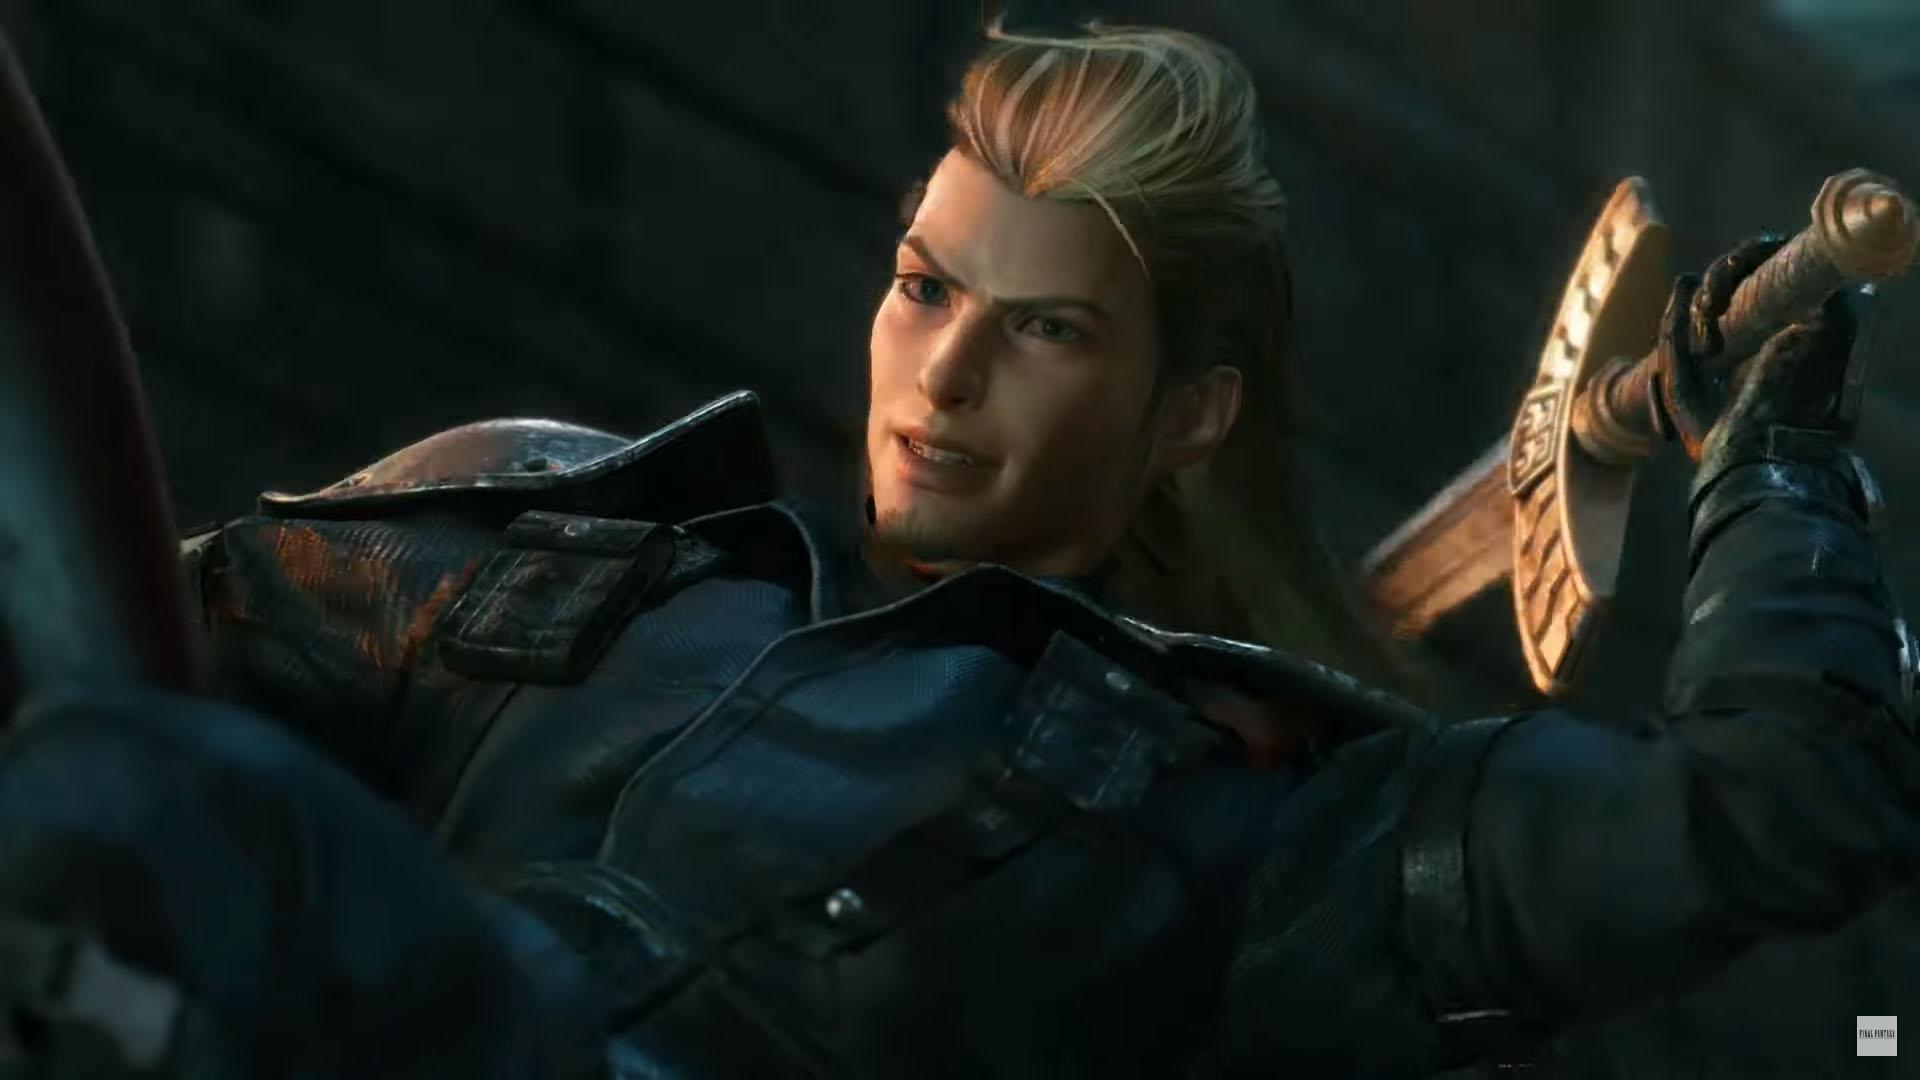 [Imagen: Soldier-Final-Fantasy-VII-Remake.jpg]